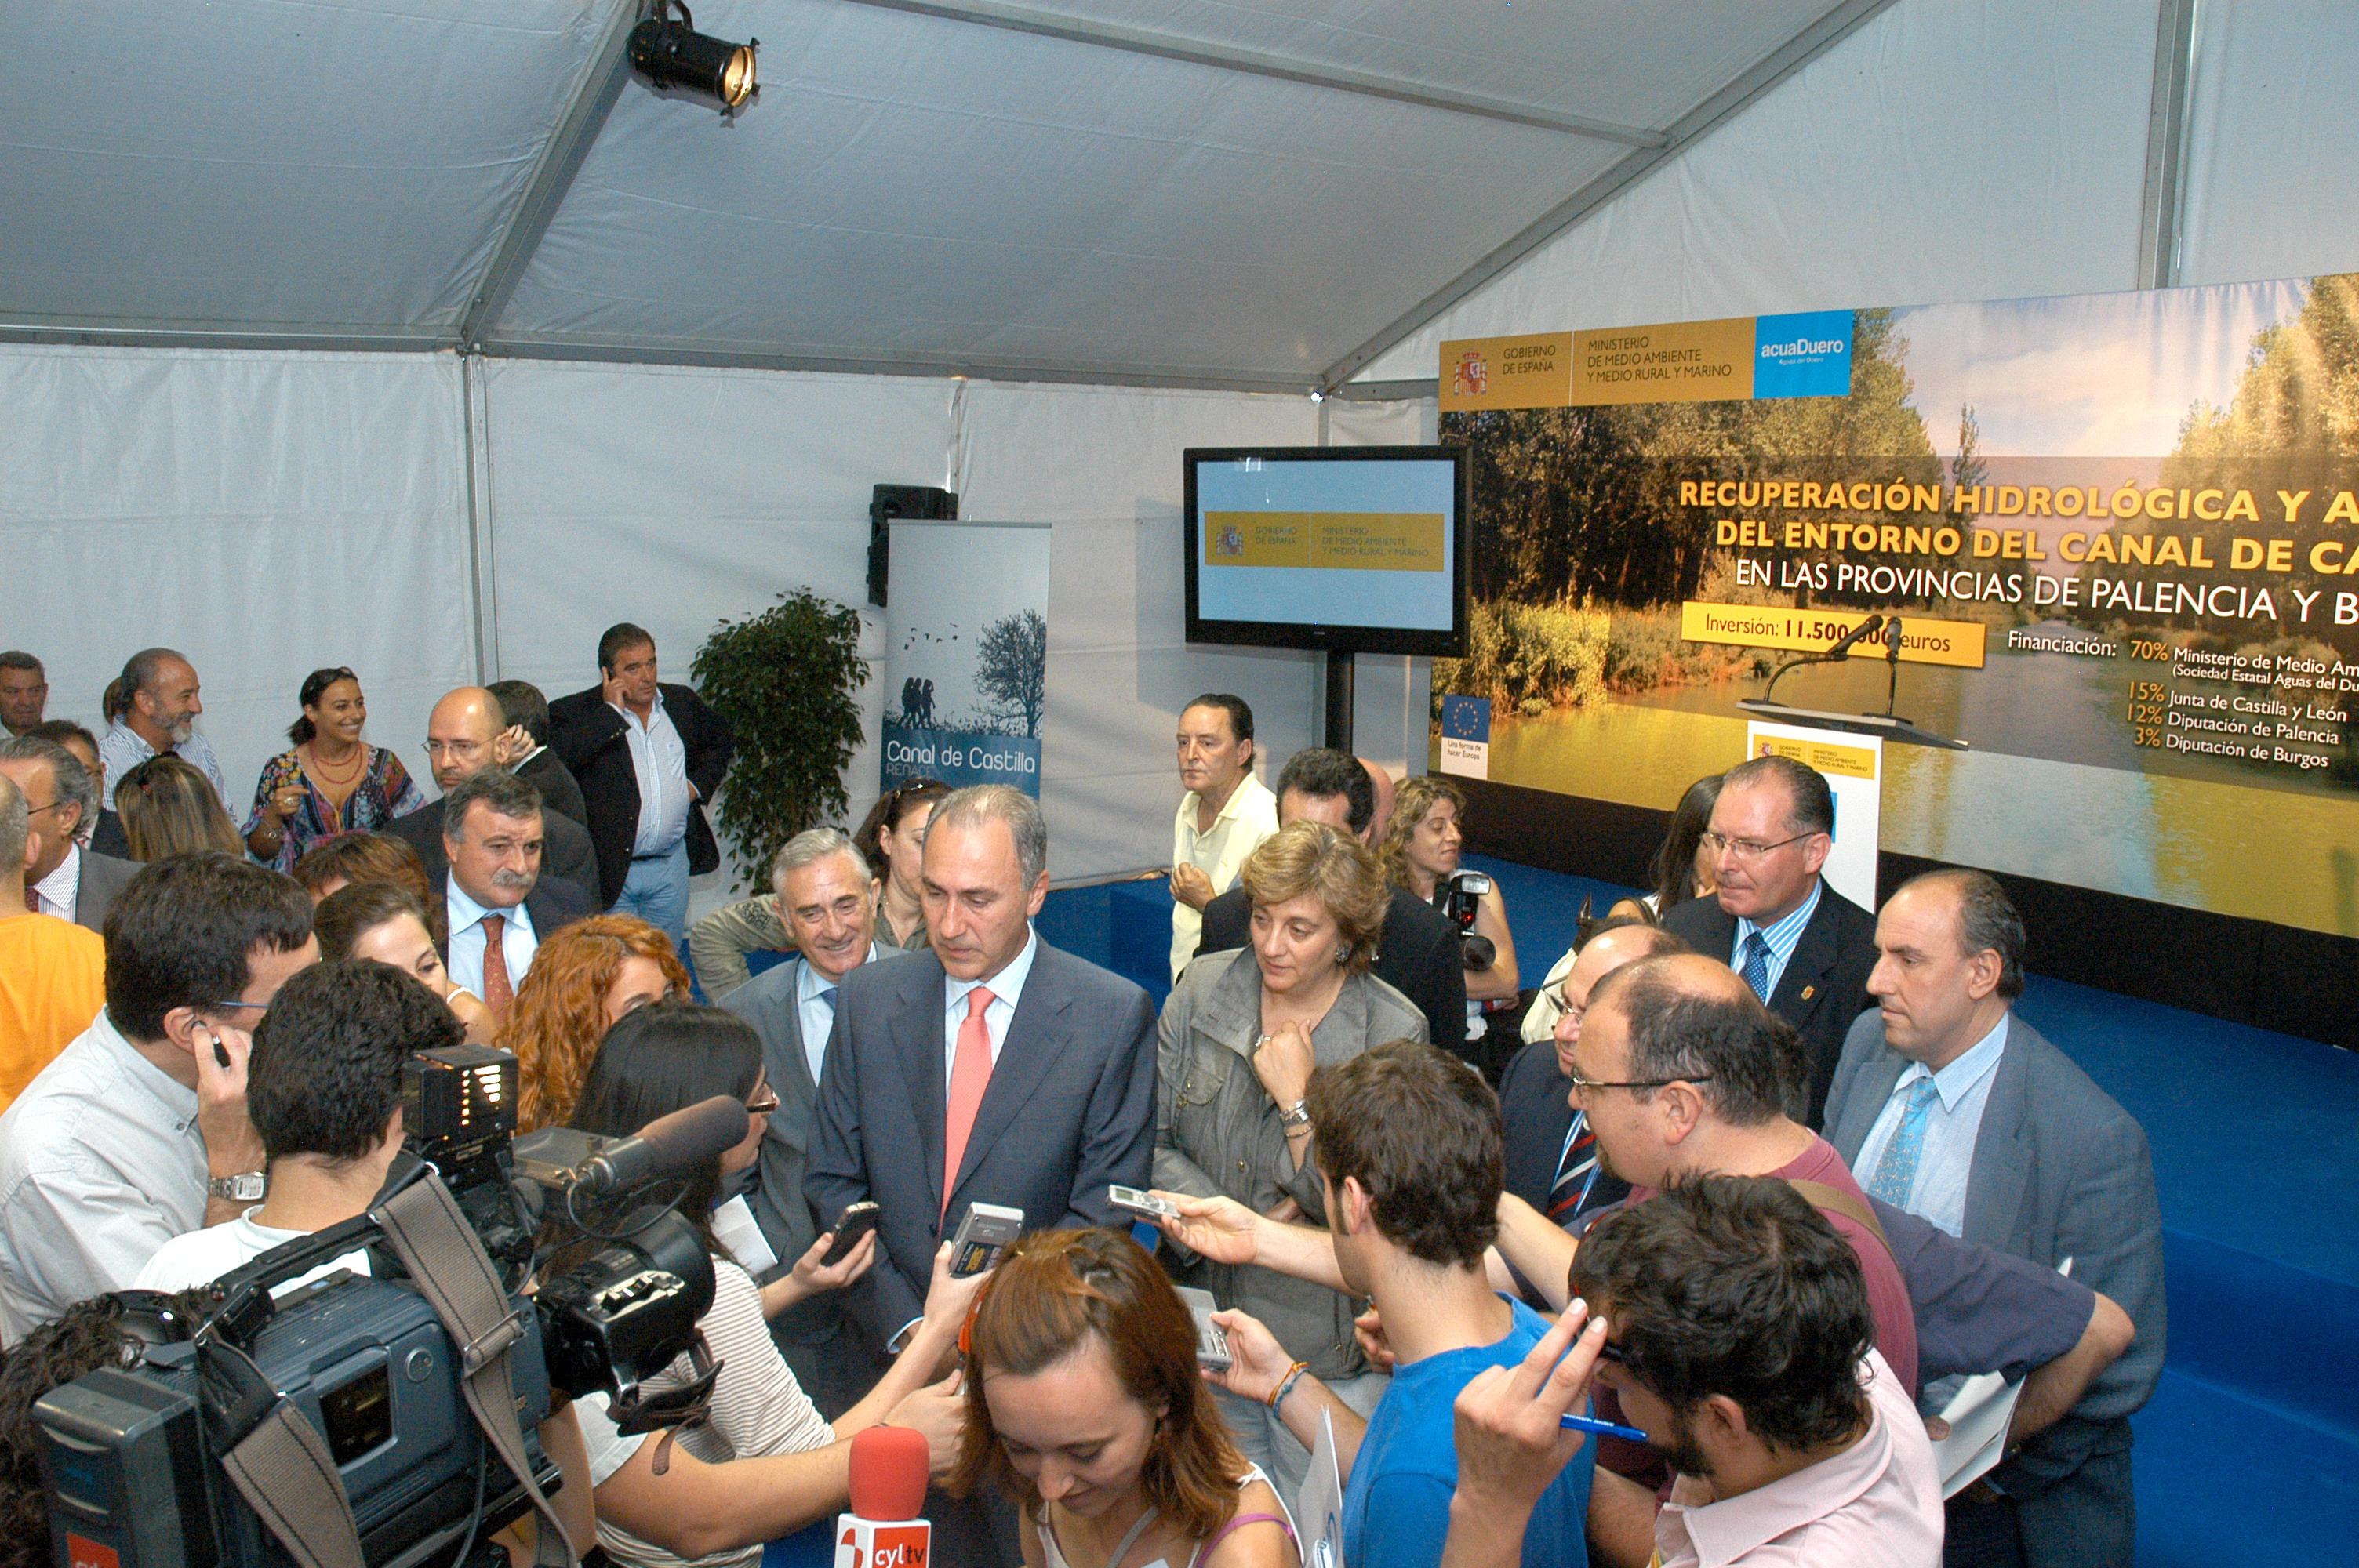 Ministerio de Agricultura. AcuaDuero. — IRRADIA Creatividad — Agencia de publicidad, eventos y producción audiovisual.